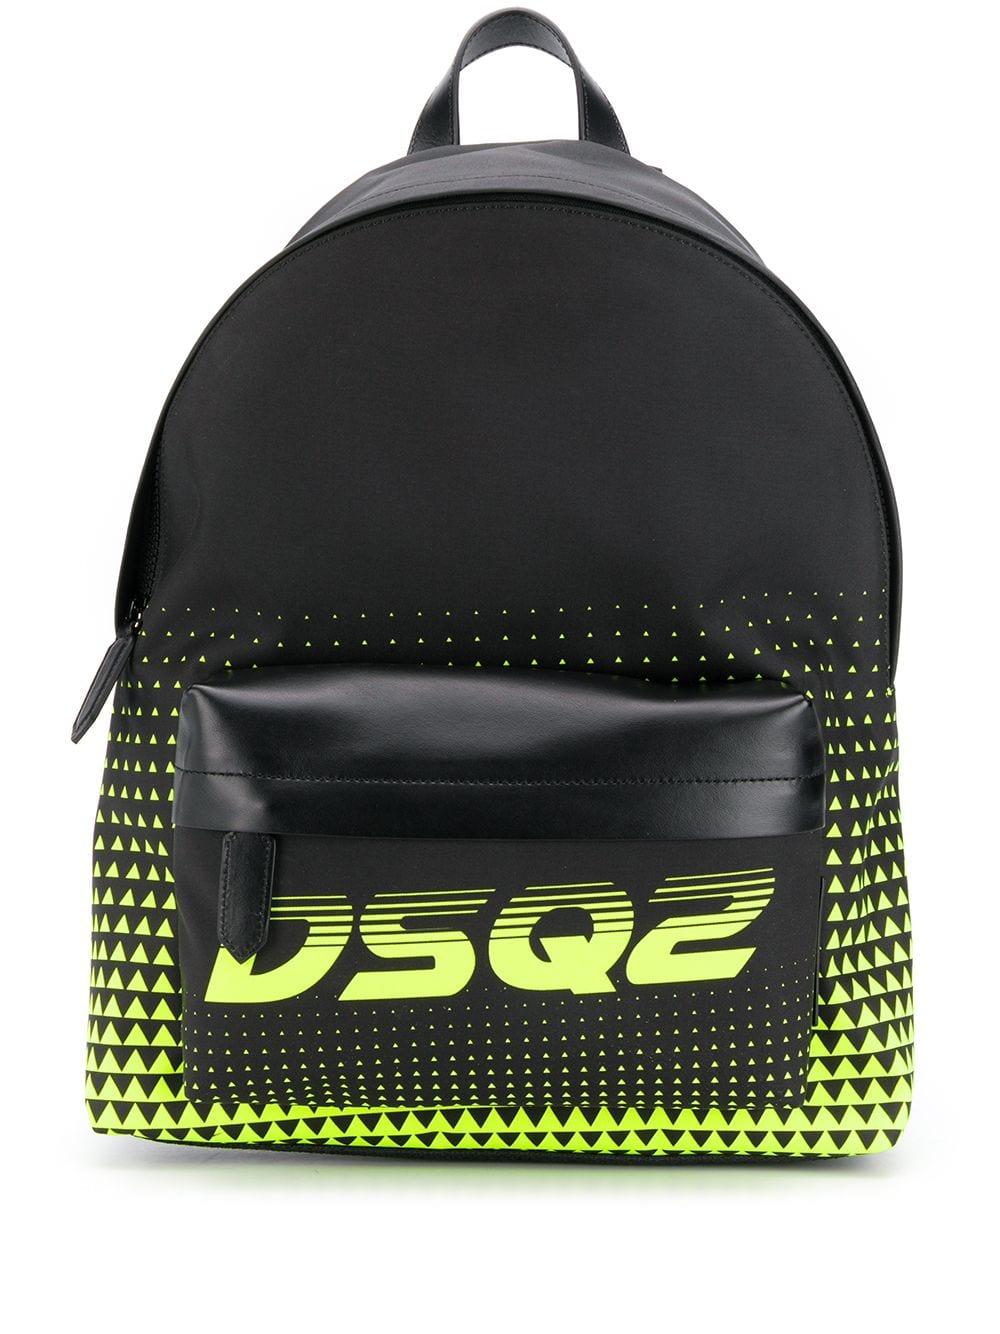 Dsquared2 Rucksack mit Reißverschluss - Schwarz